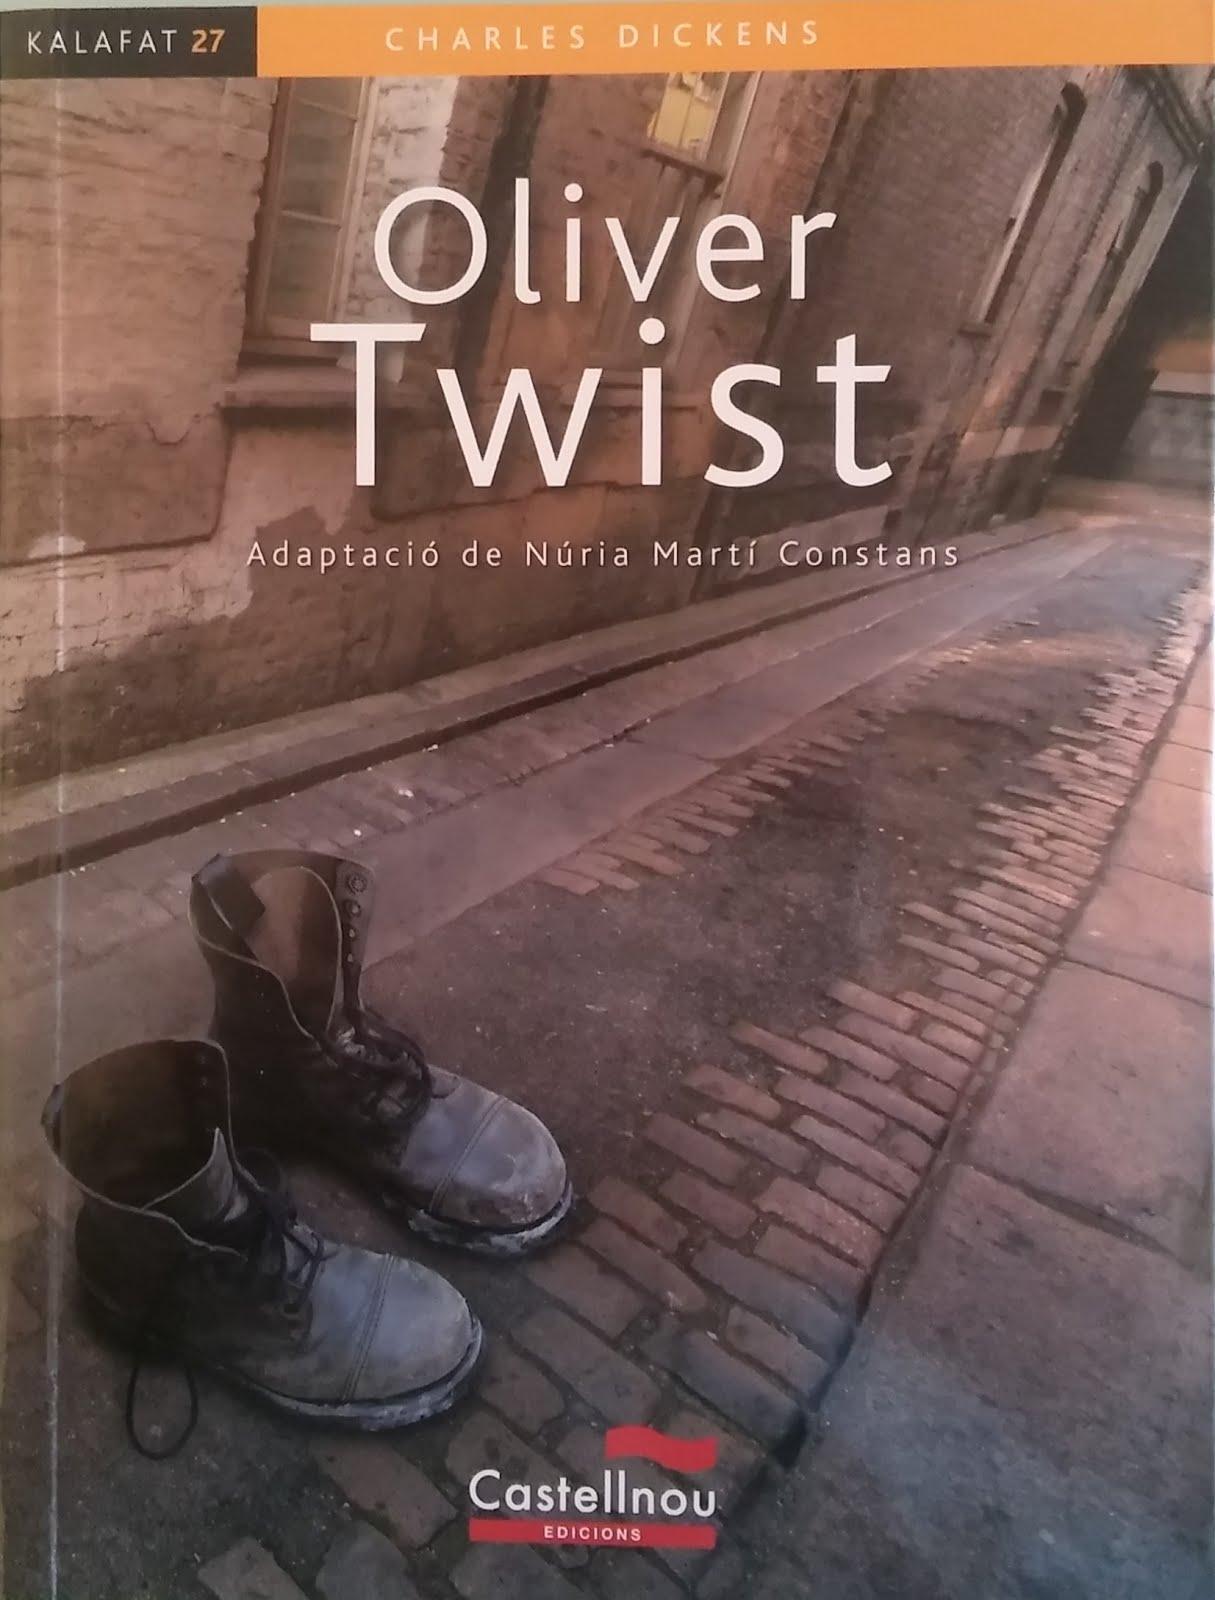 2016 Oliver Twist, de Charles Dickens (Adaptació)